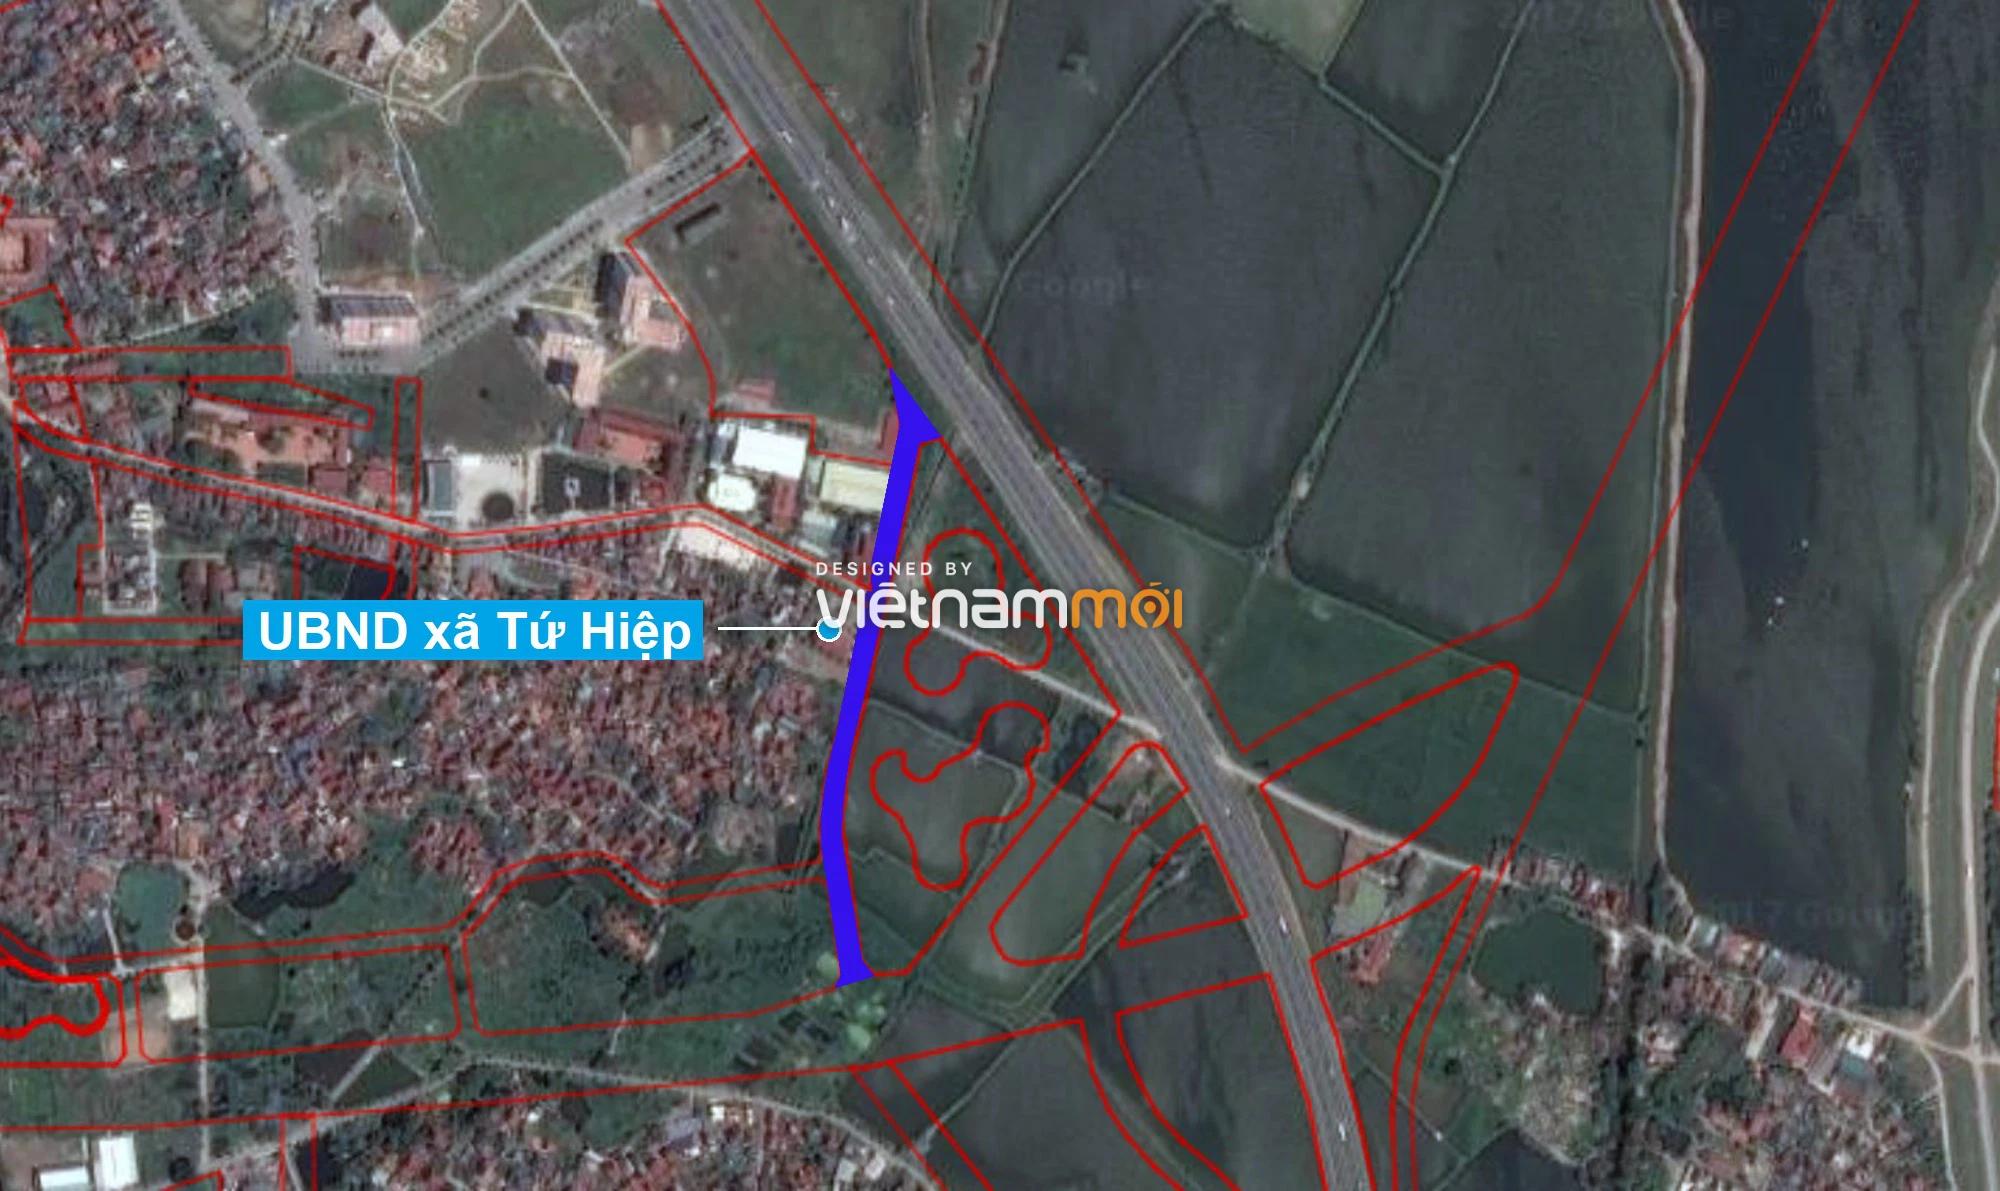 Những khu đất sắp thu hồi để mở đường ở xã Tứ Hiệp, Thanh Trì, Hà Nội (phần 4) - Ảnh 9.